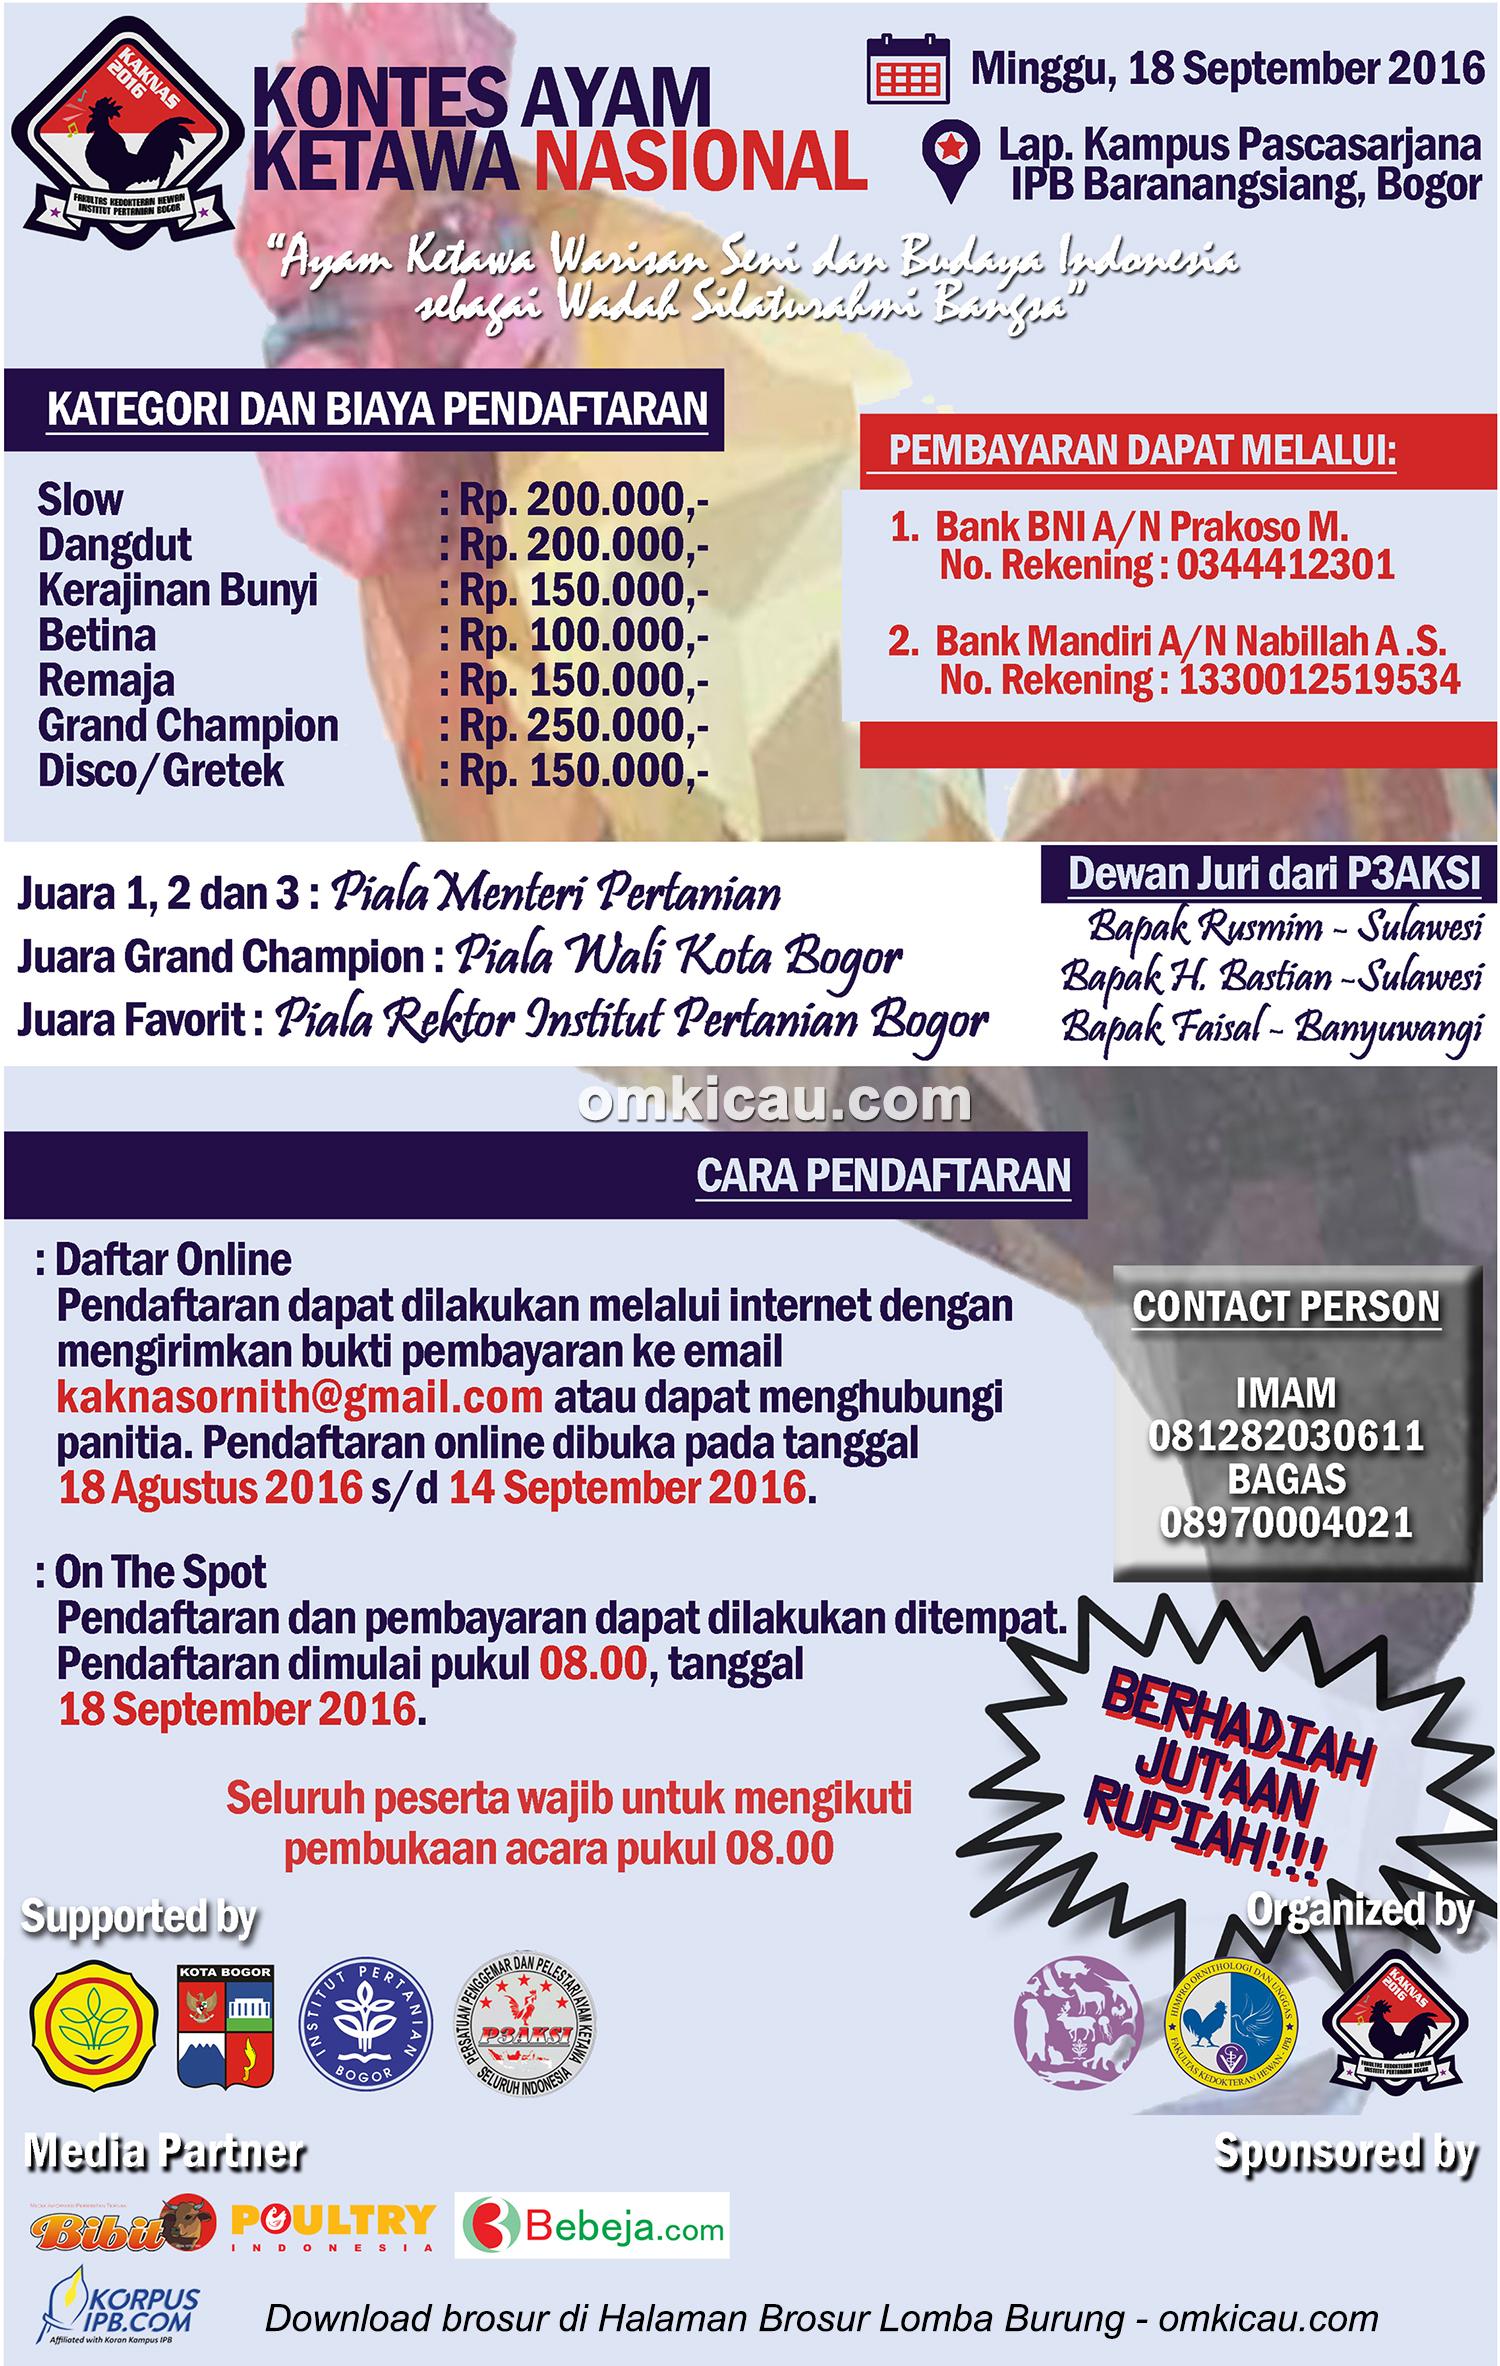 Brosur Kontes Ayam Ketawa Nasional, IPB Bogor, 18 September 2016